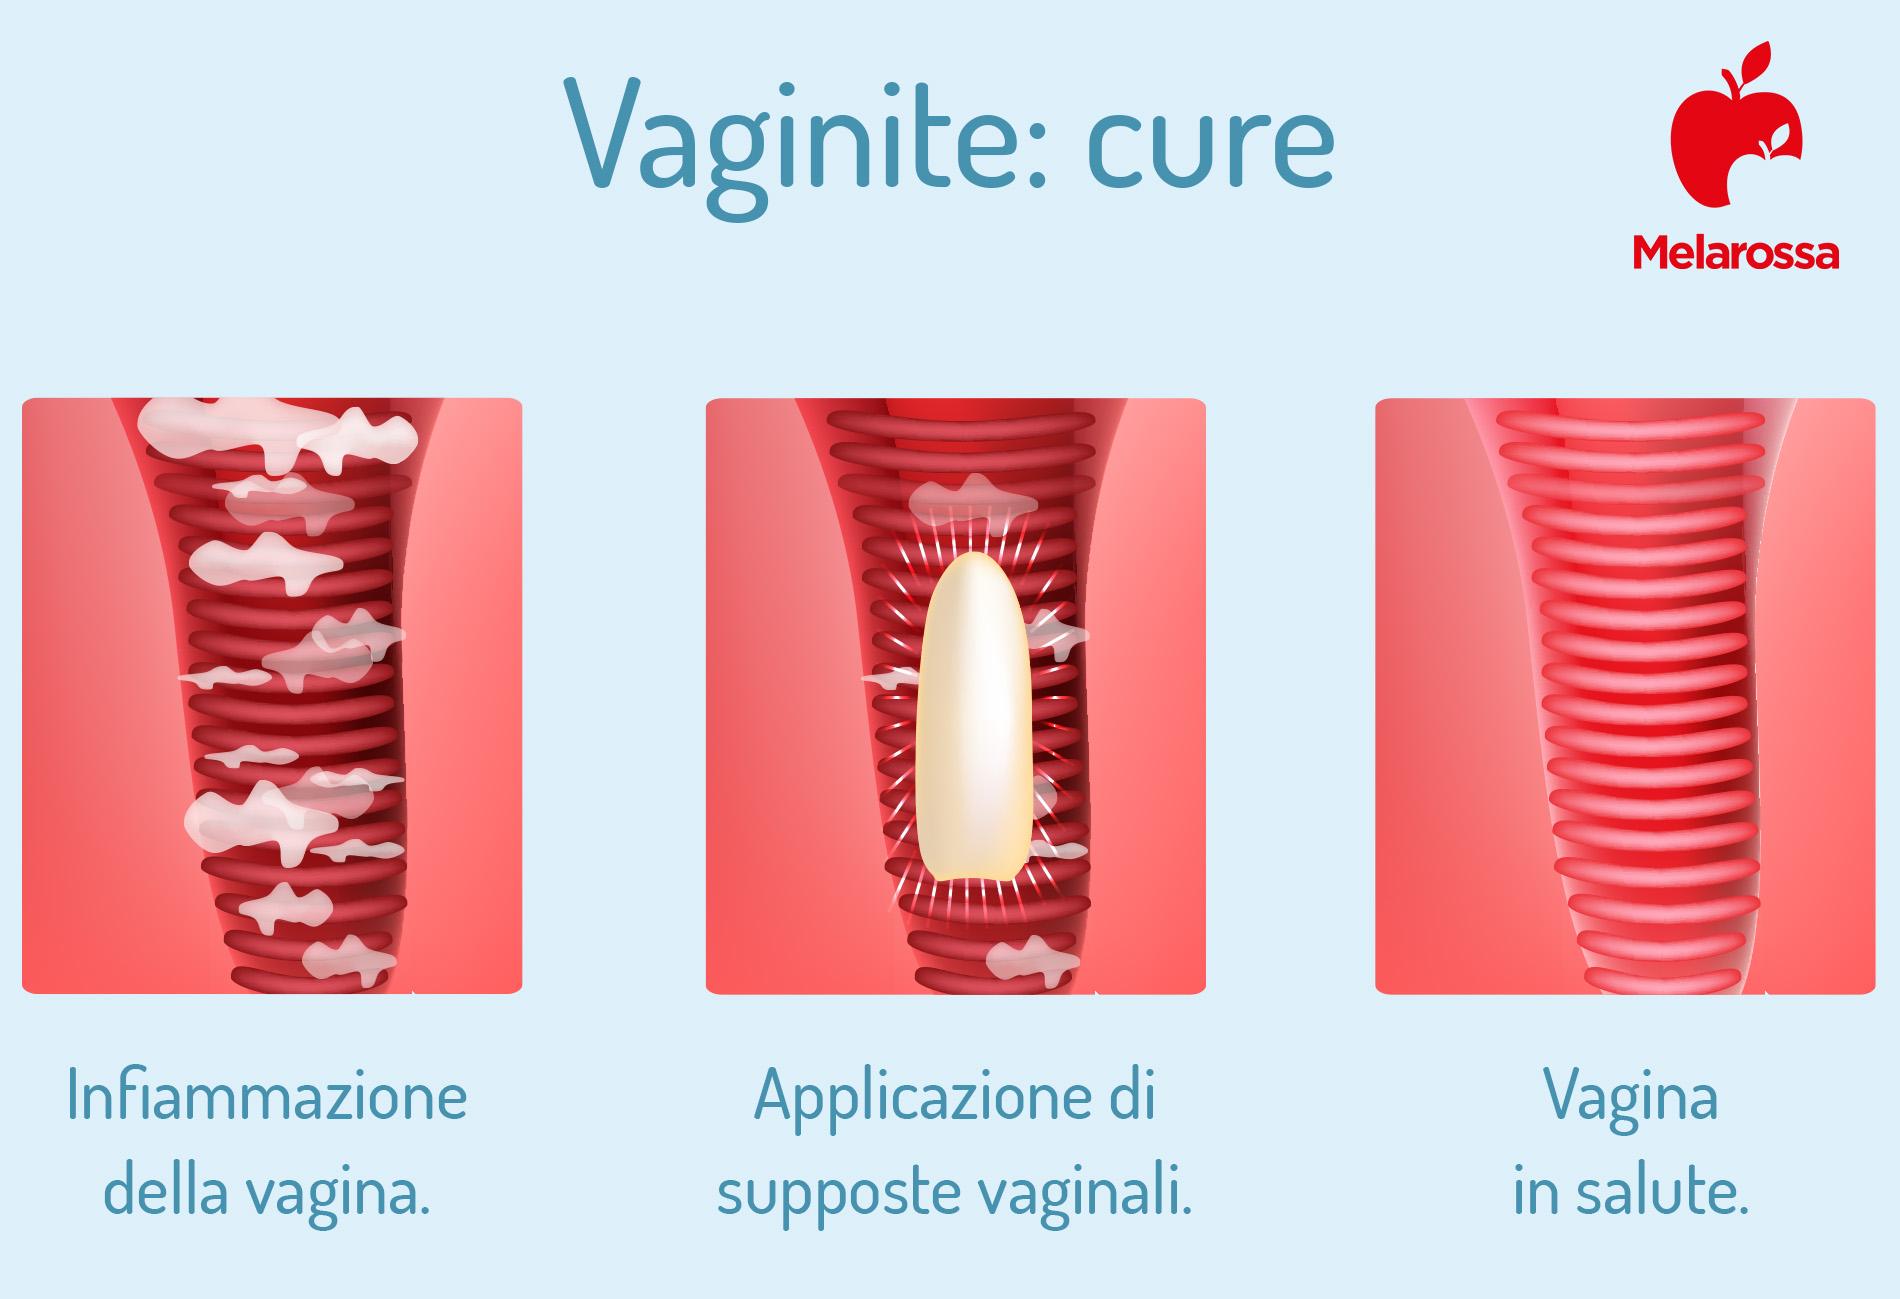 vaginite: cure